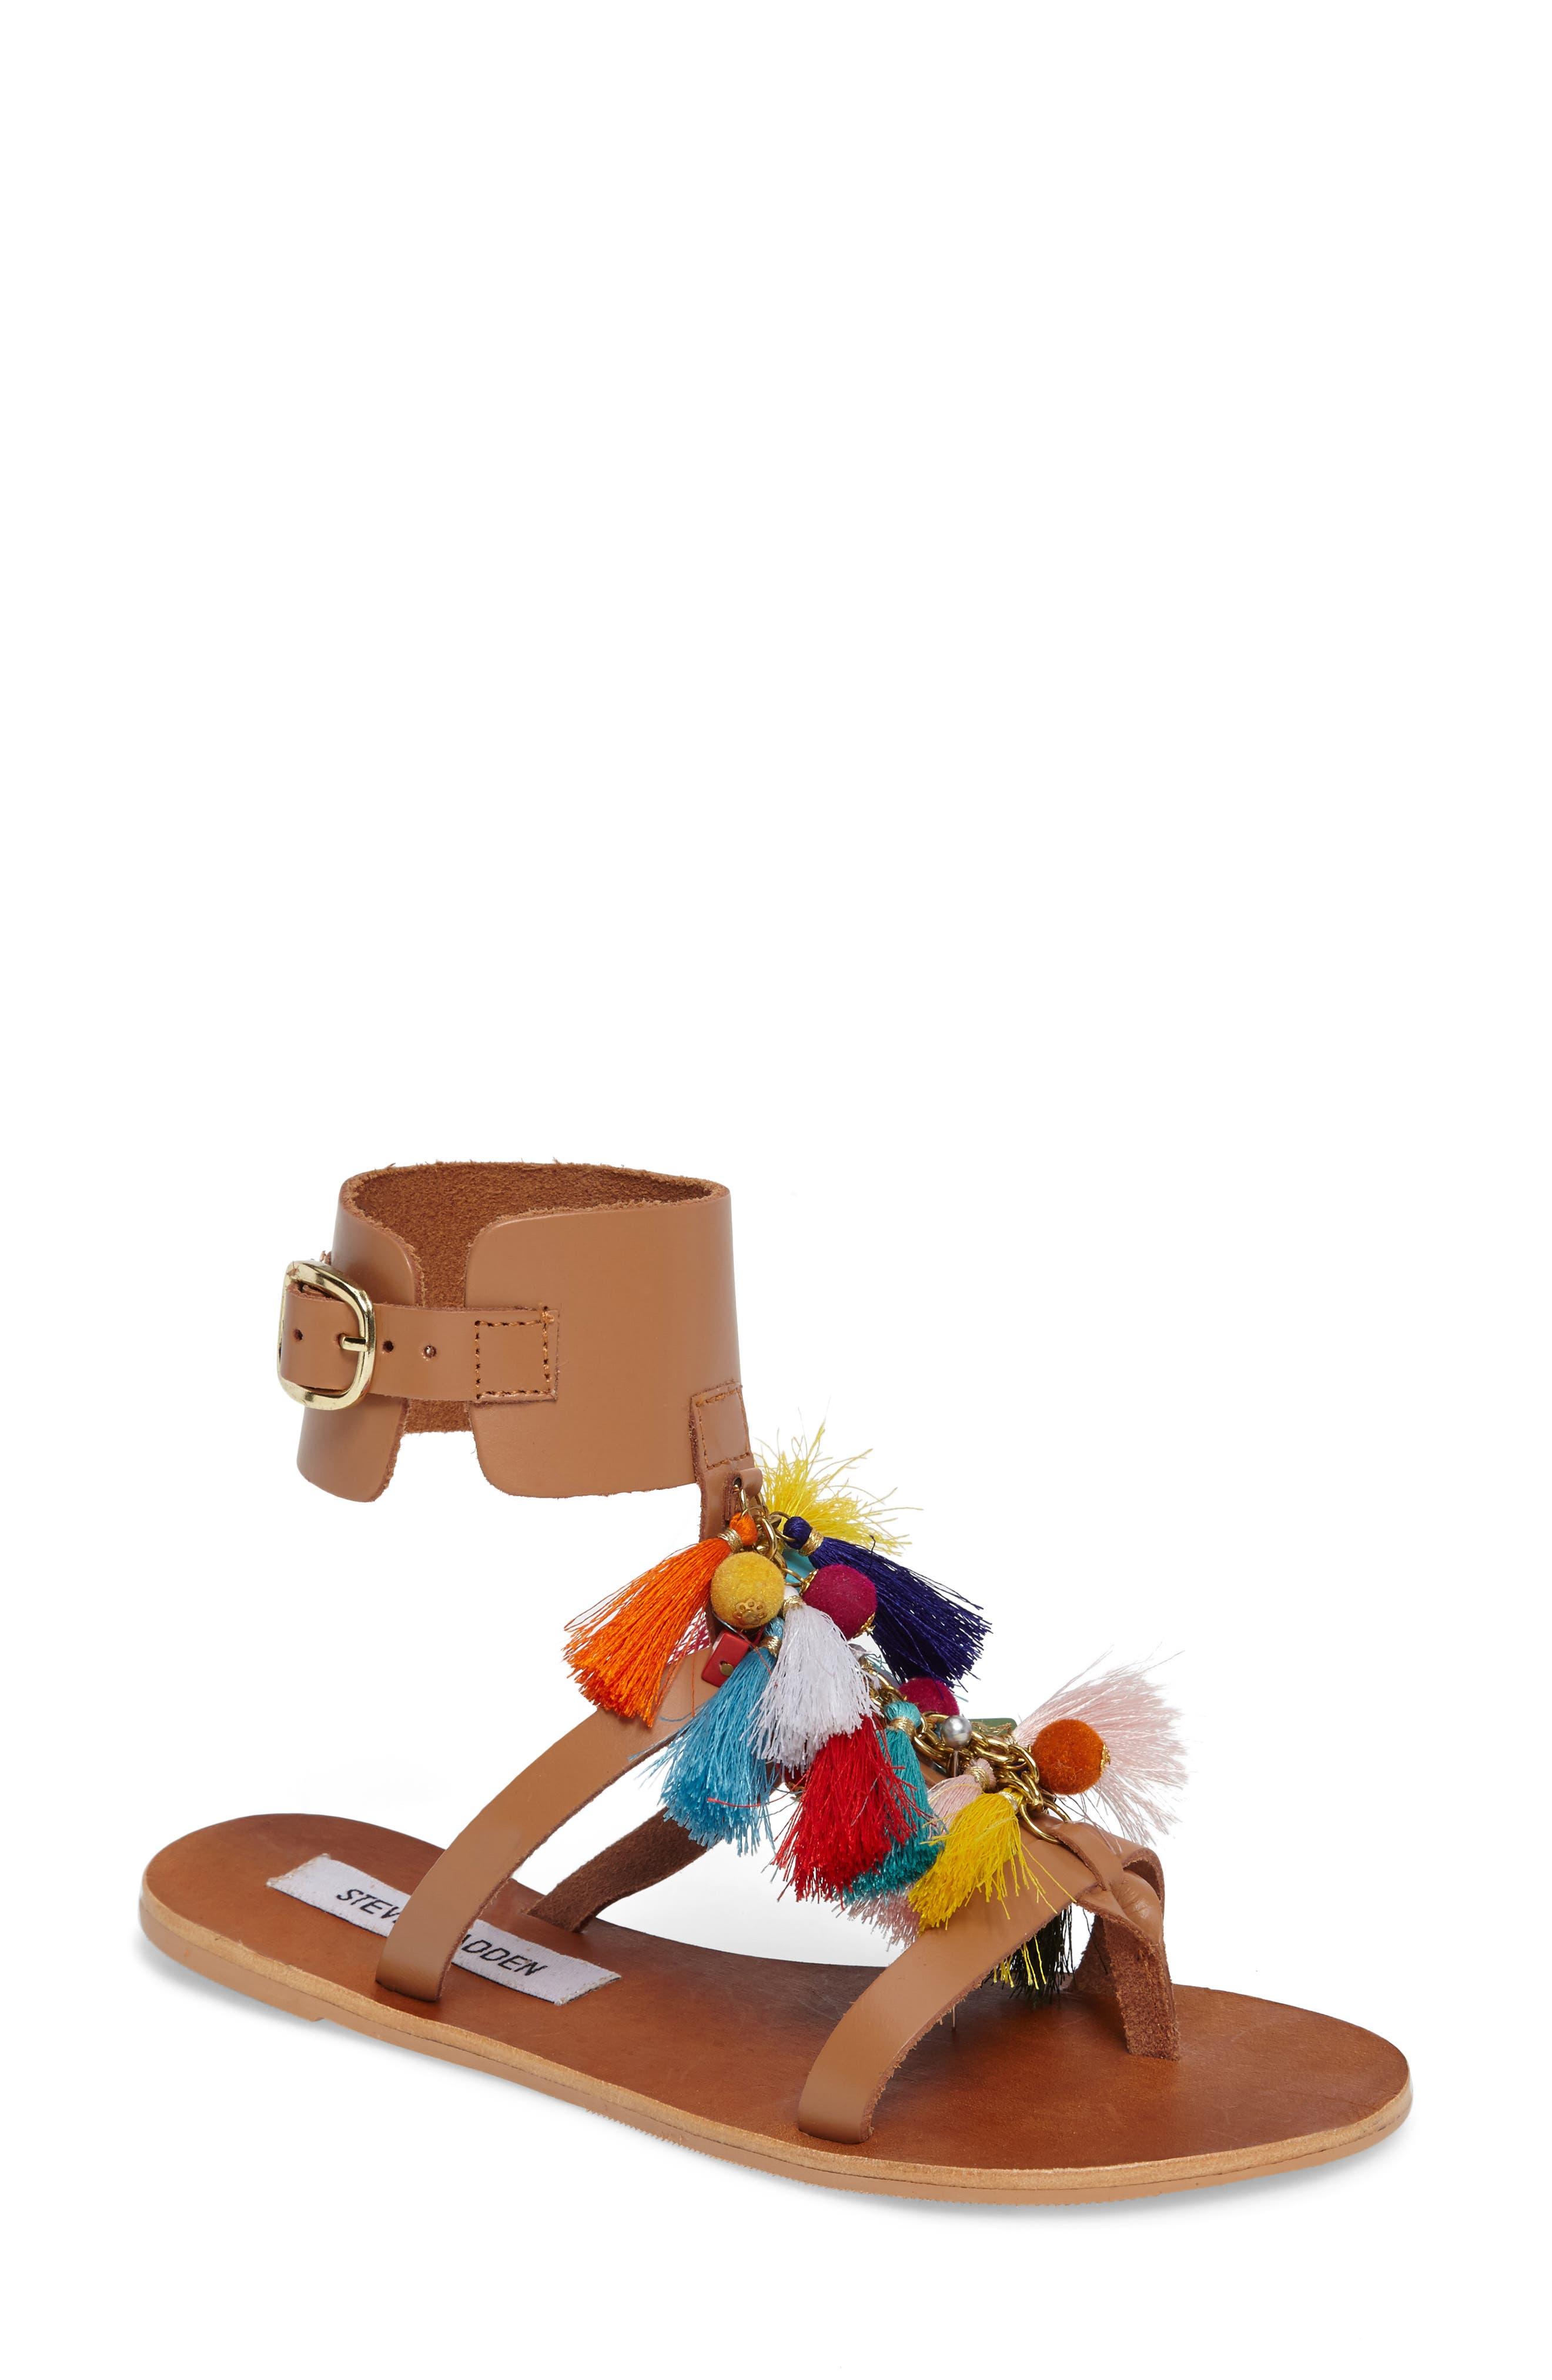 Steve Madden Colorful Tassel Sandal (Women)